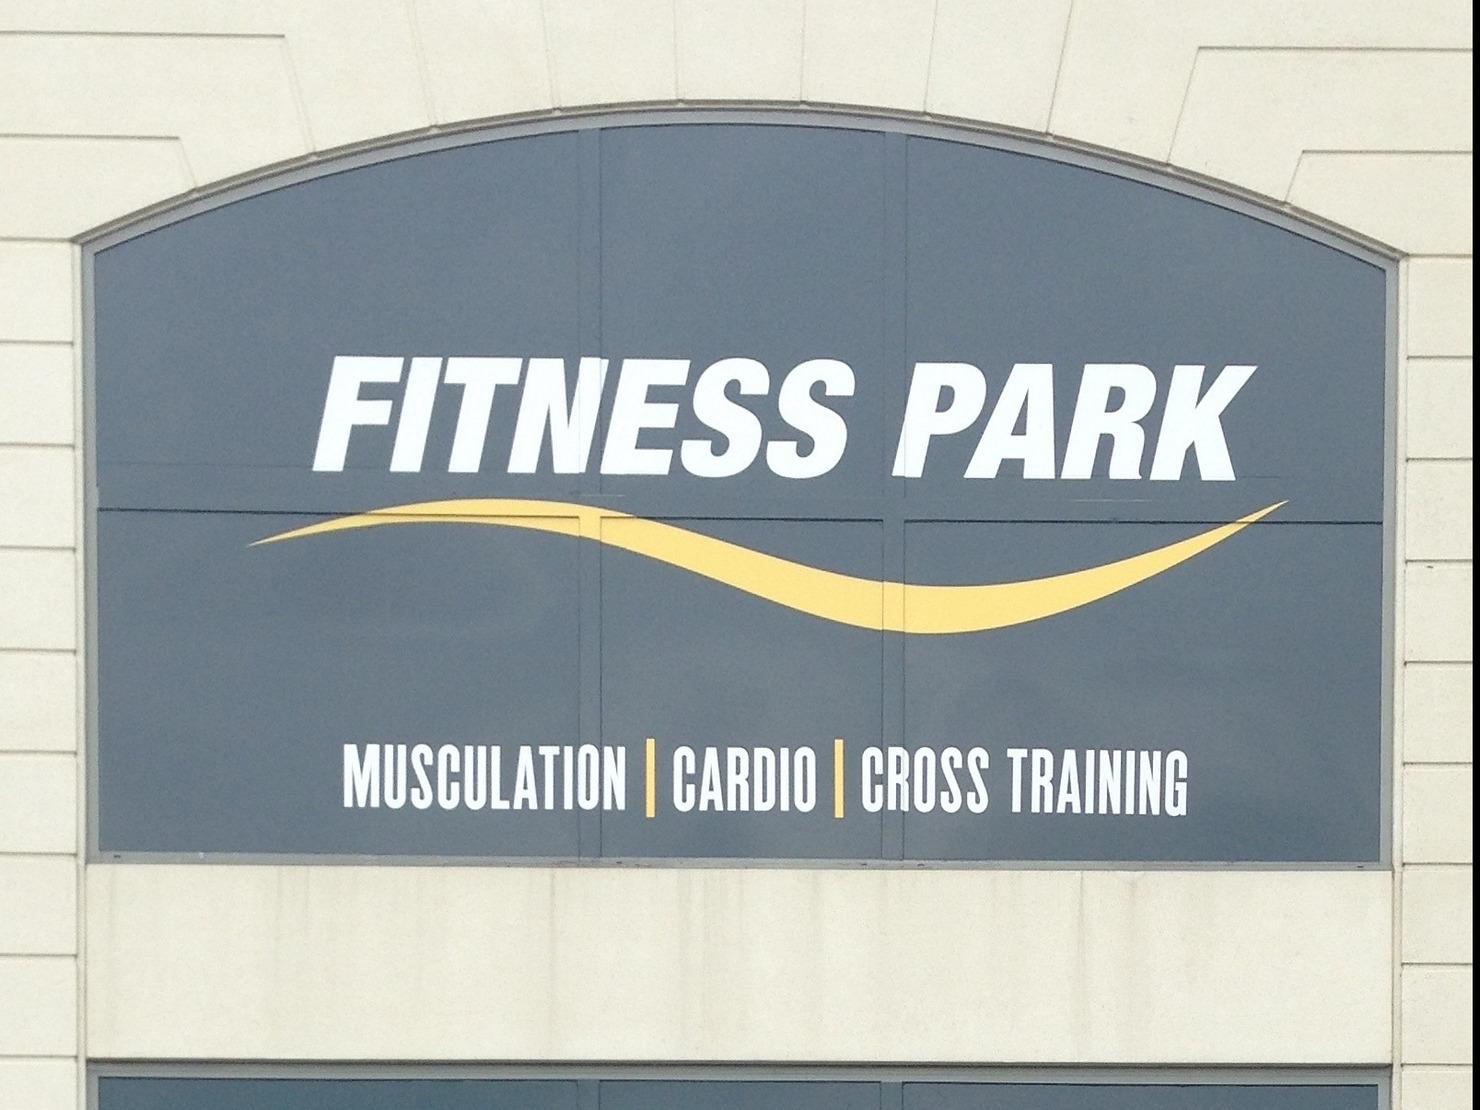 Fitness Park Les Clayes Sous Bois Tarifs, Avis, Horaires, Offre Découverte # Salle De Sport Les Clayes Sous Bois